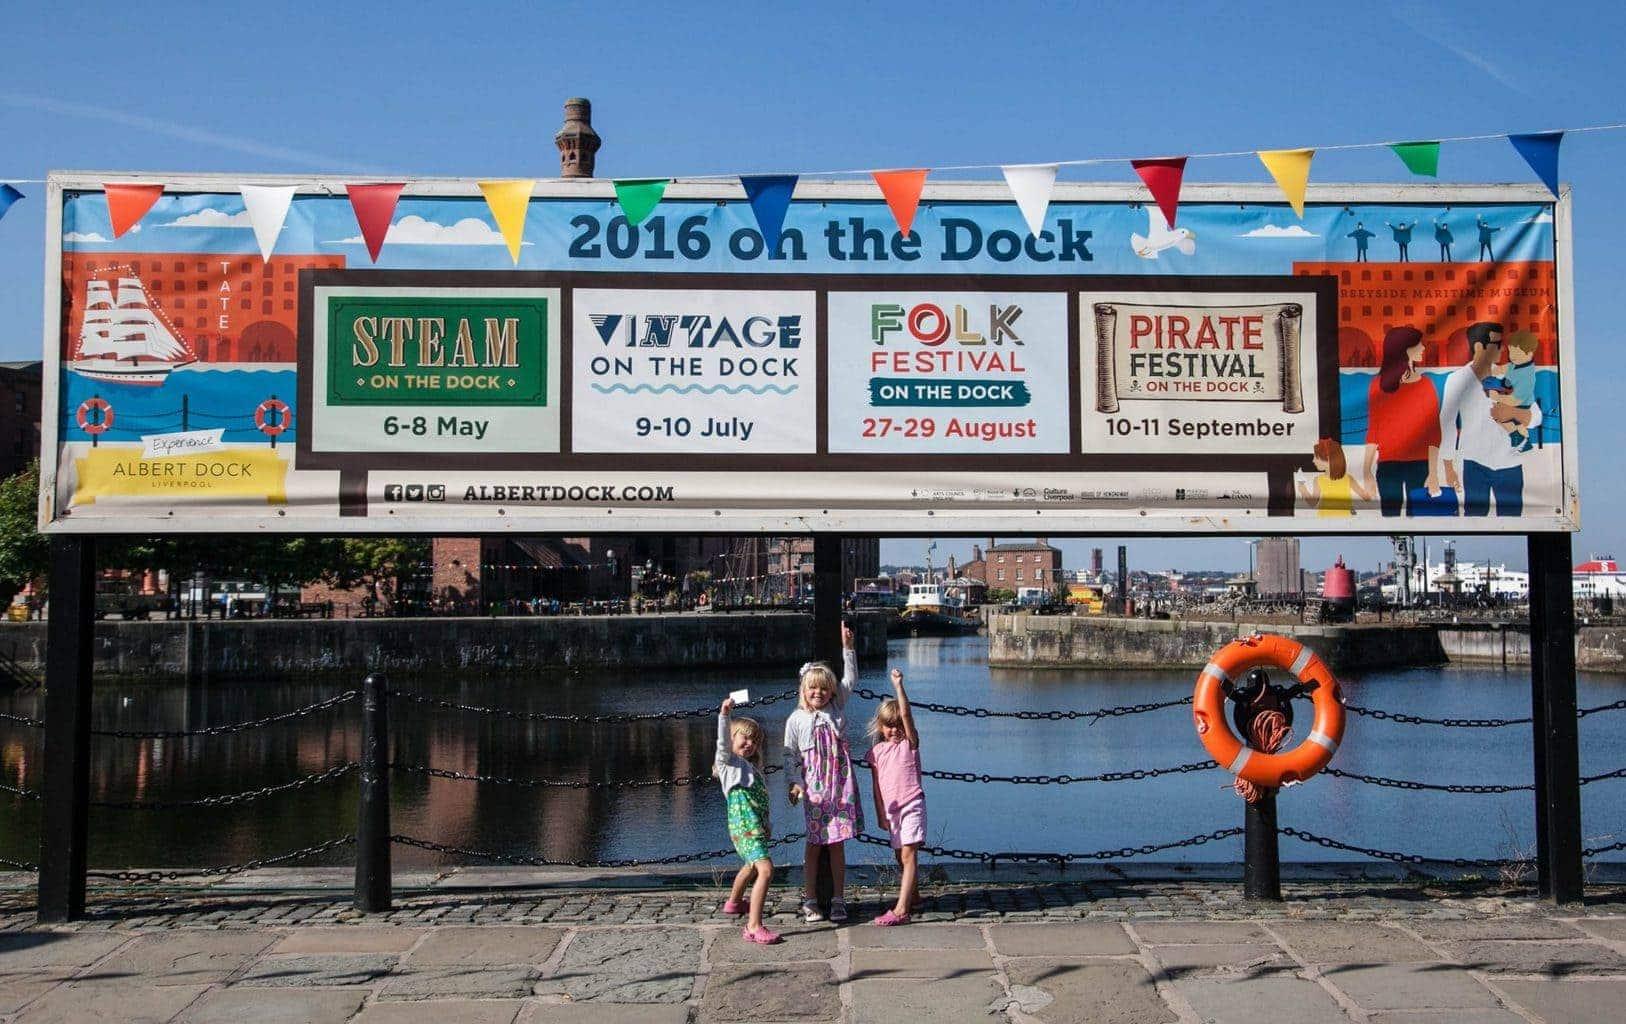 Albert Dock, Liverpool – Summer on the Dock